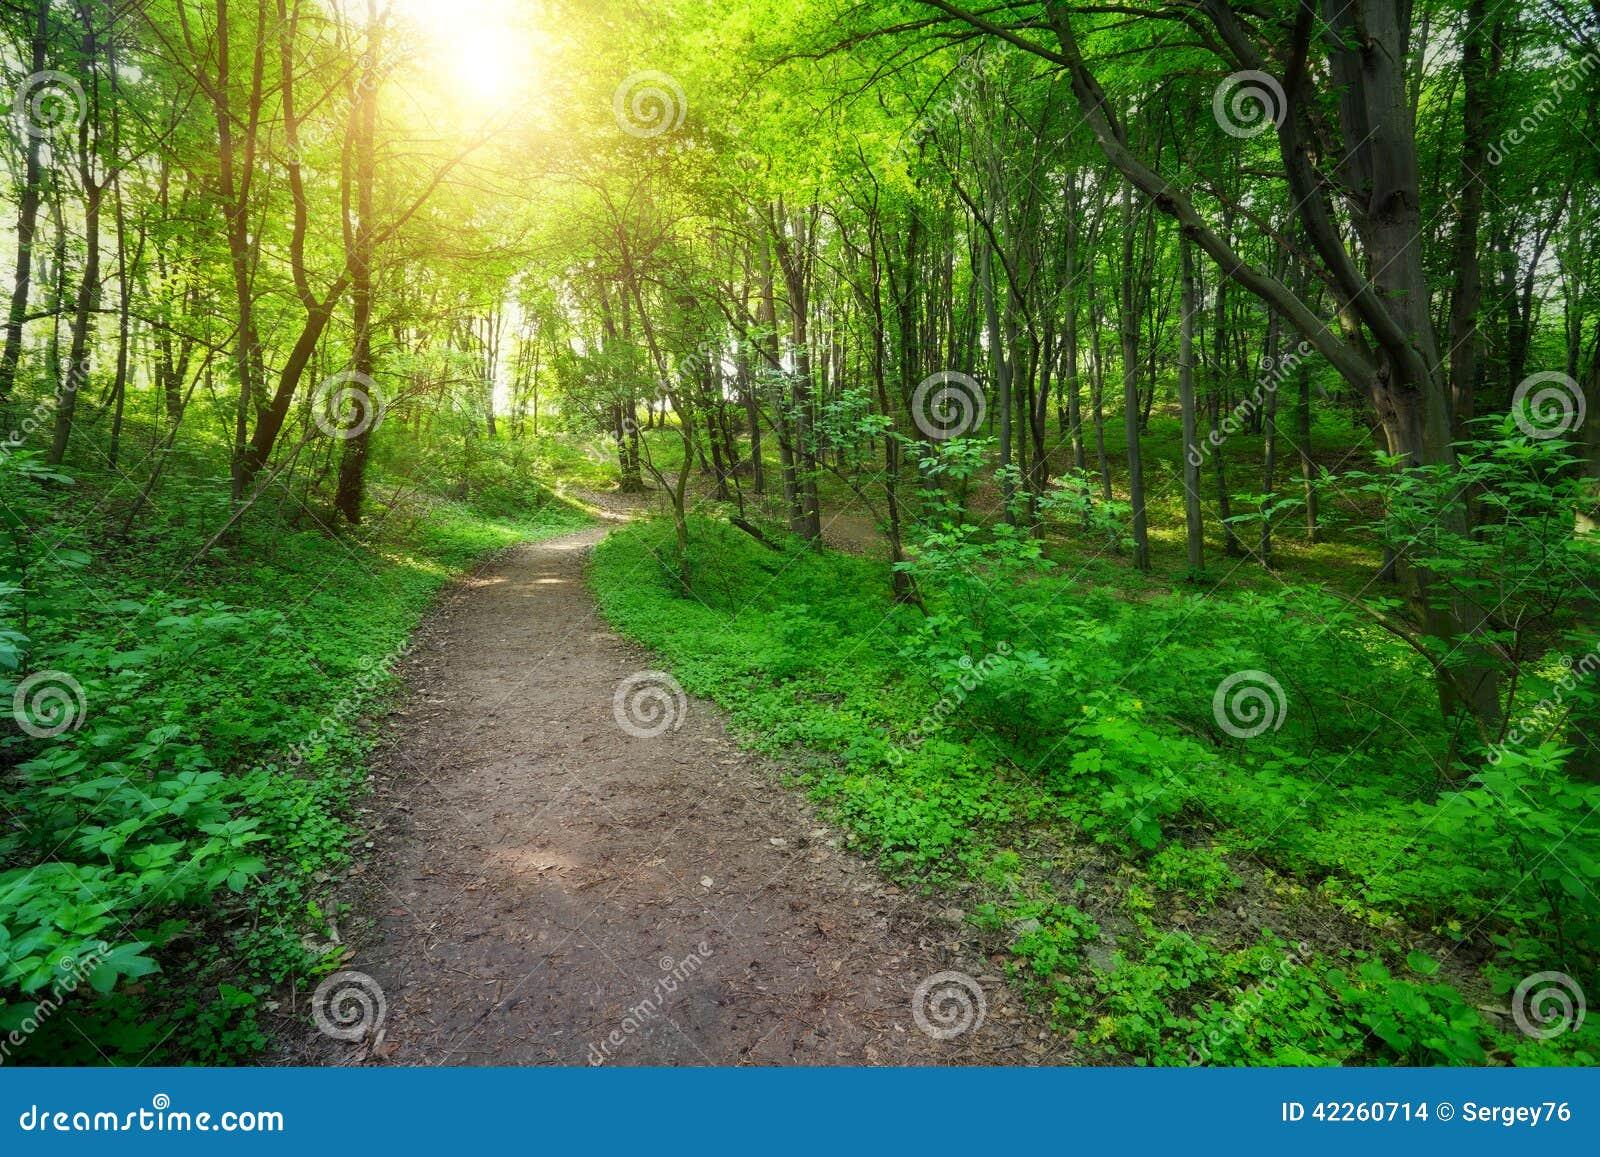 Grüner Wald mit Bahn und Sonnenlicht